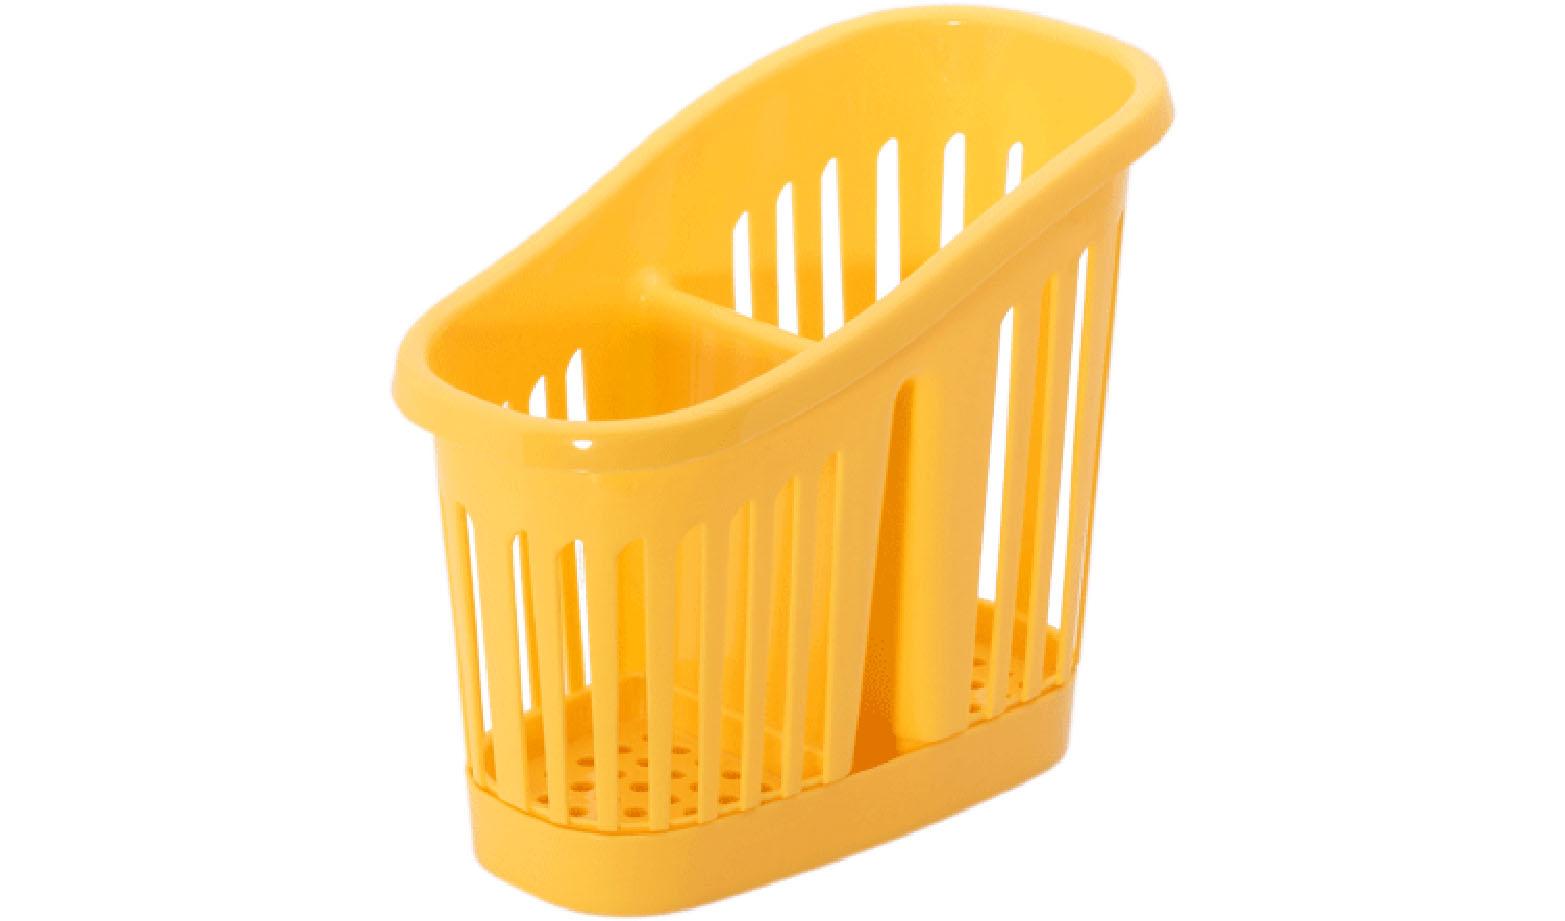 Сушилка для столовых приборов 2-секционная, ЖелтыйМ 1165Сушилка для столовых приборов 2-секционная, Желтый